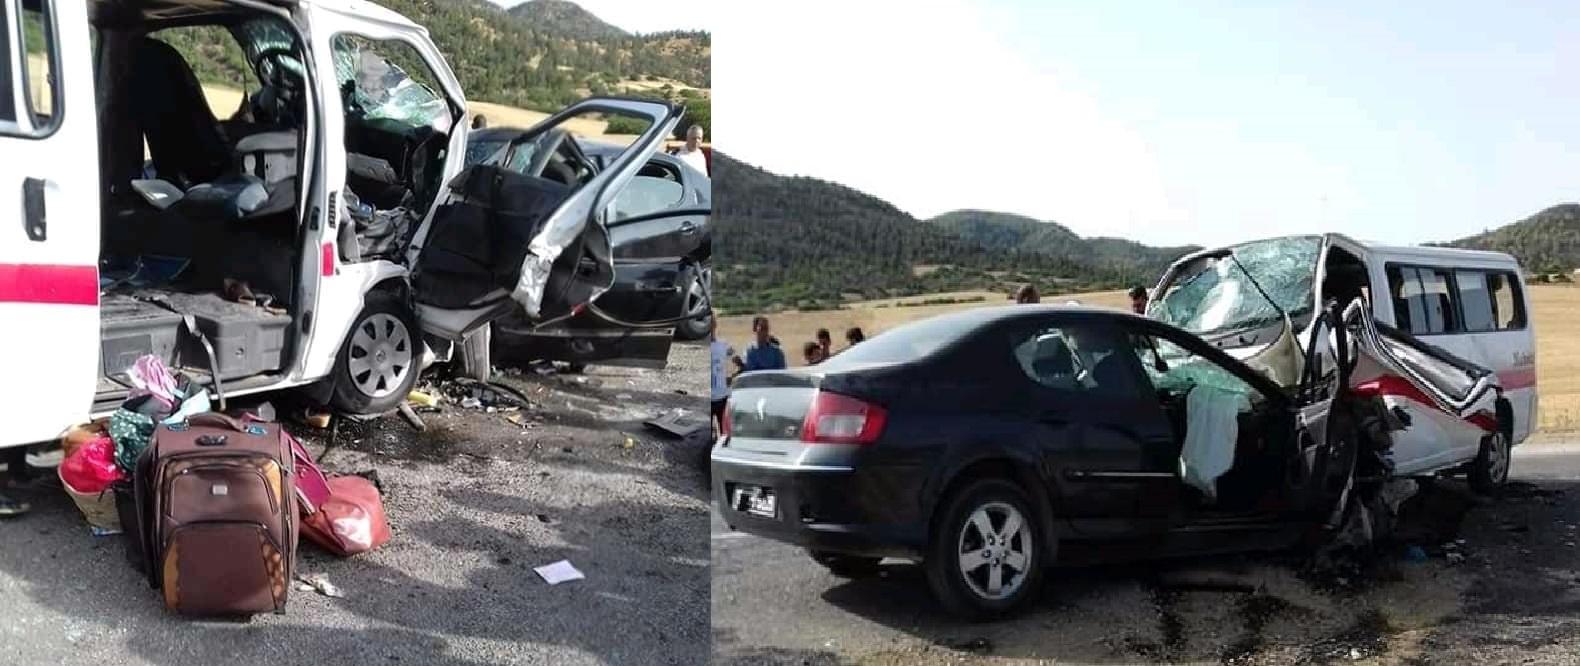 حادث مرور مروع يؤدي لوفاة شخصين وإصابة 8أخرين